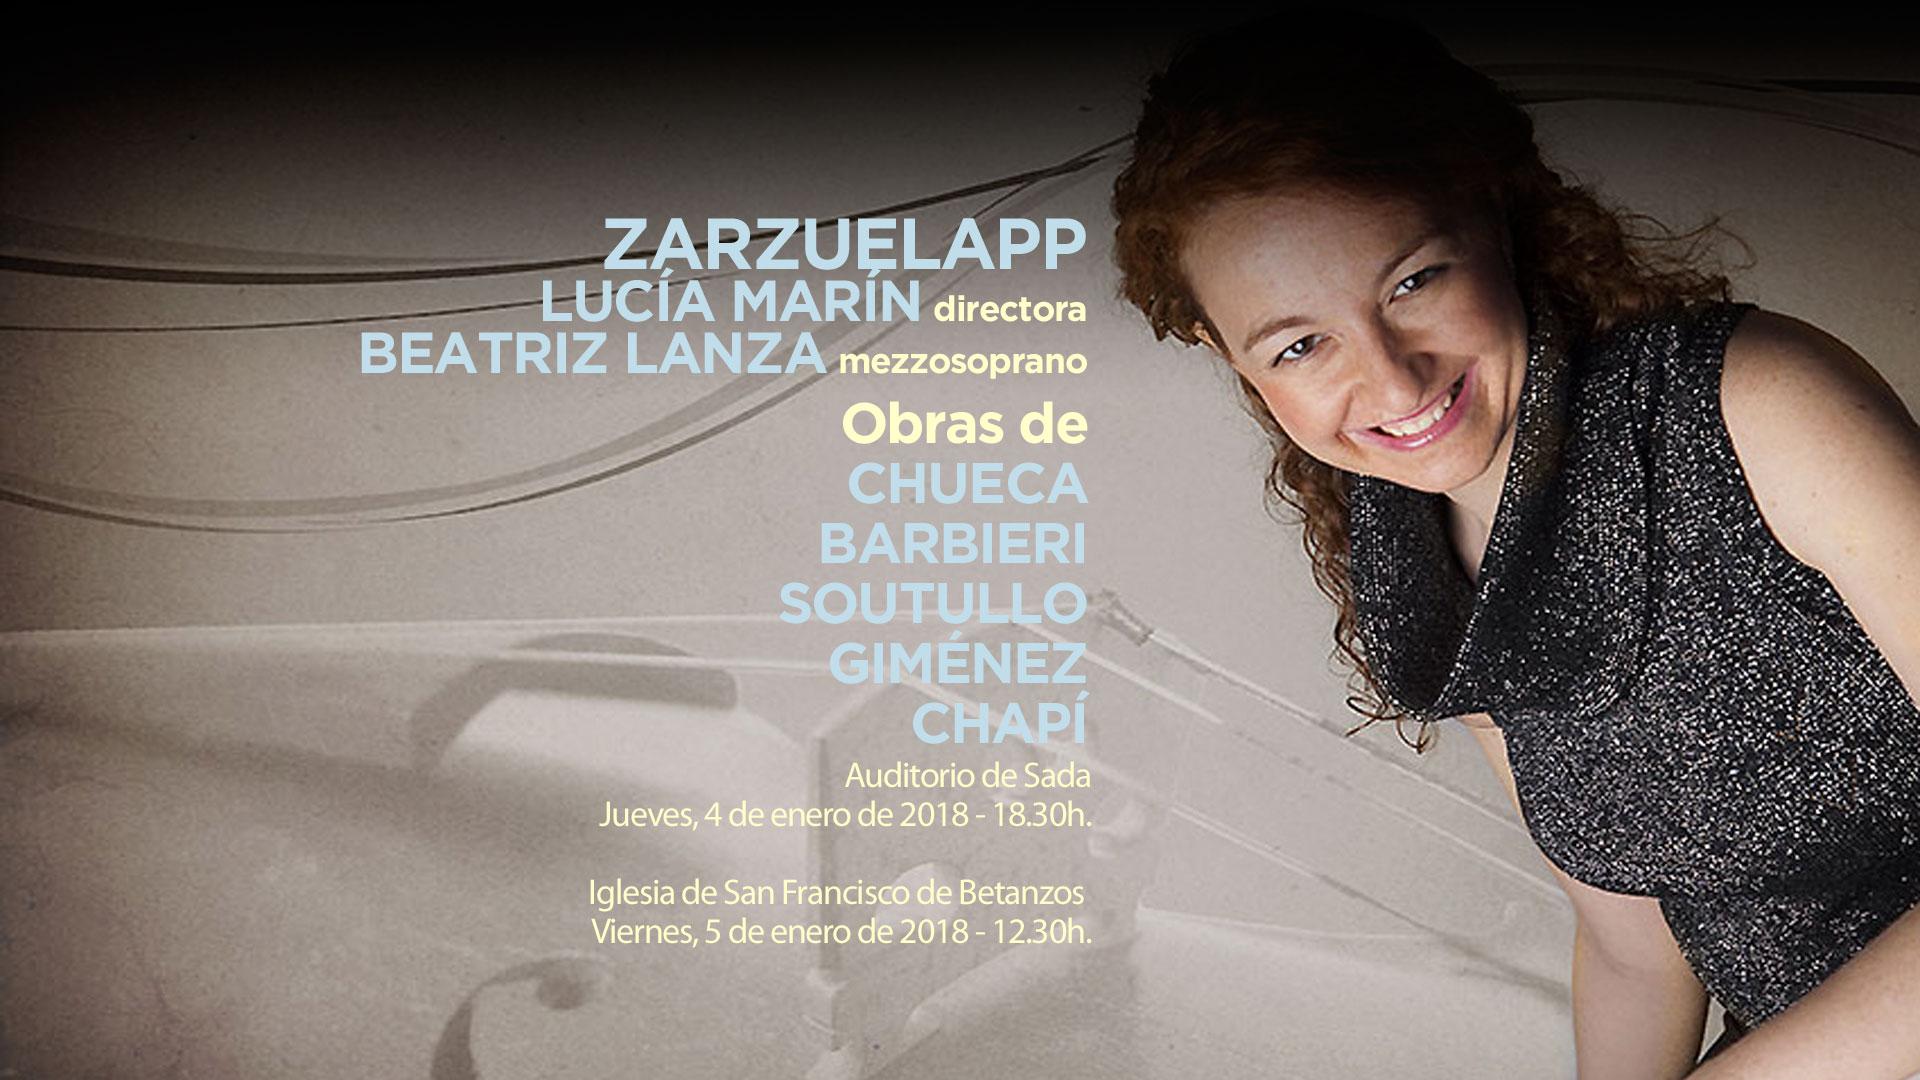 Zarzuela y música con el Coro Joven y los Niños Cantores de la OSG para empezar el año